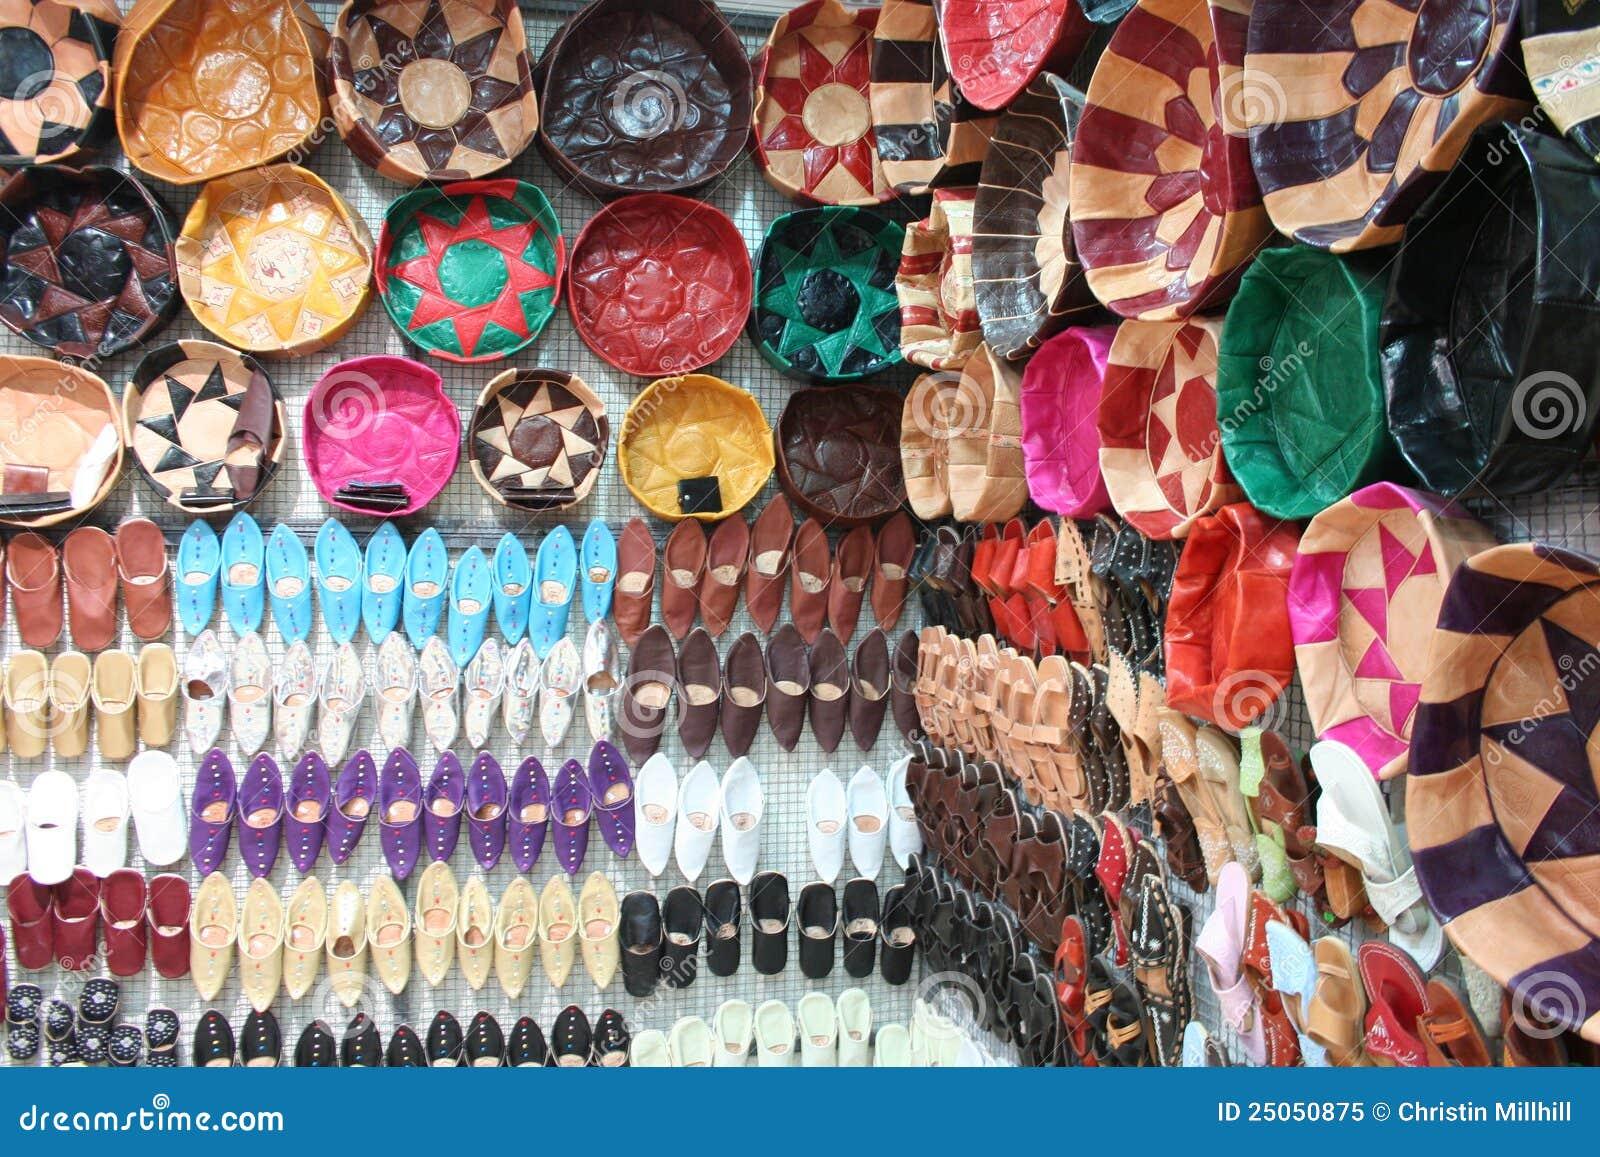 Lembranças de couro tunisinas